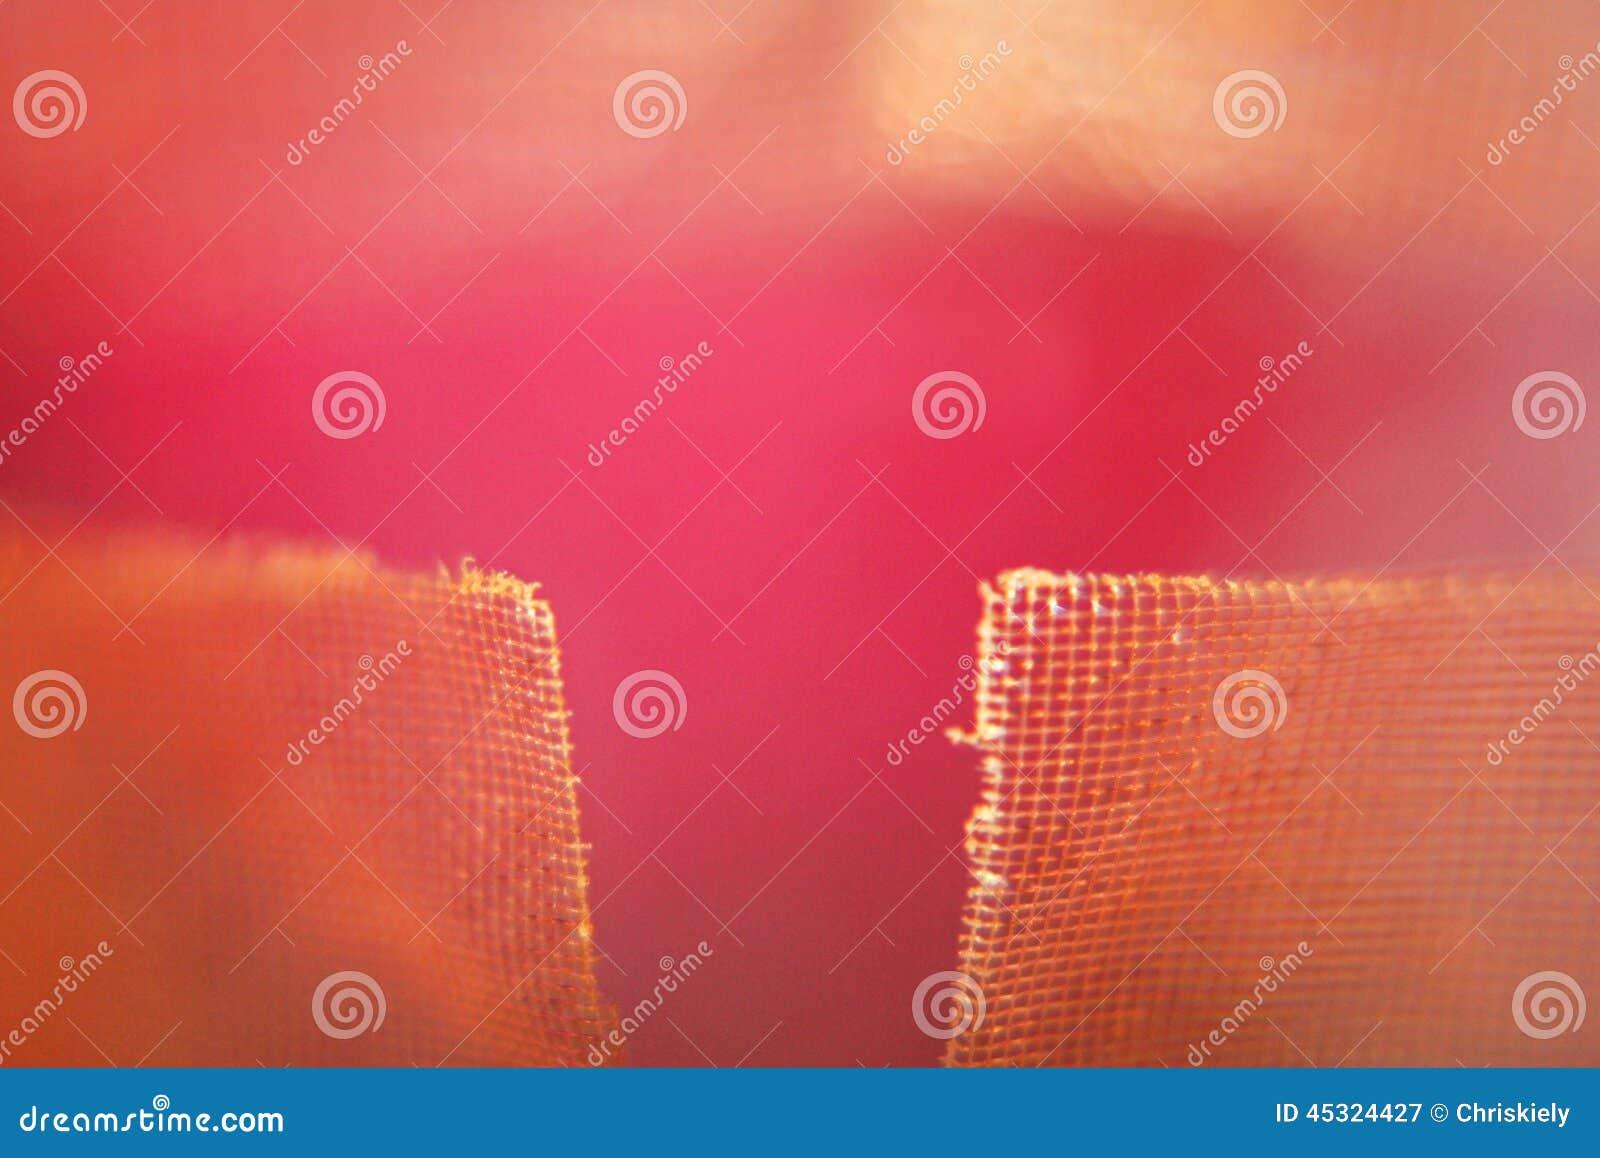 Achtergrond Roze tonen en netwerk